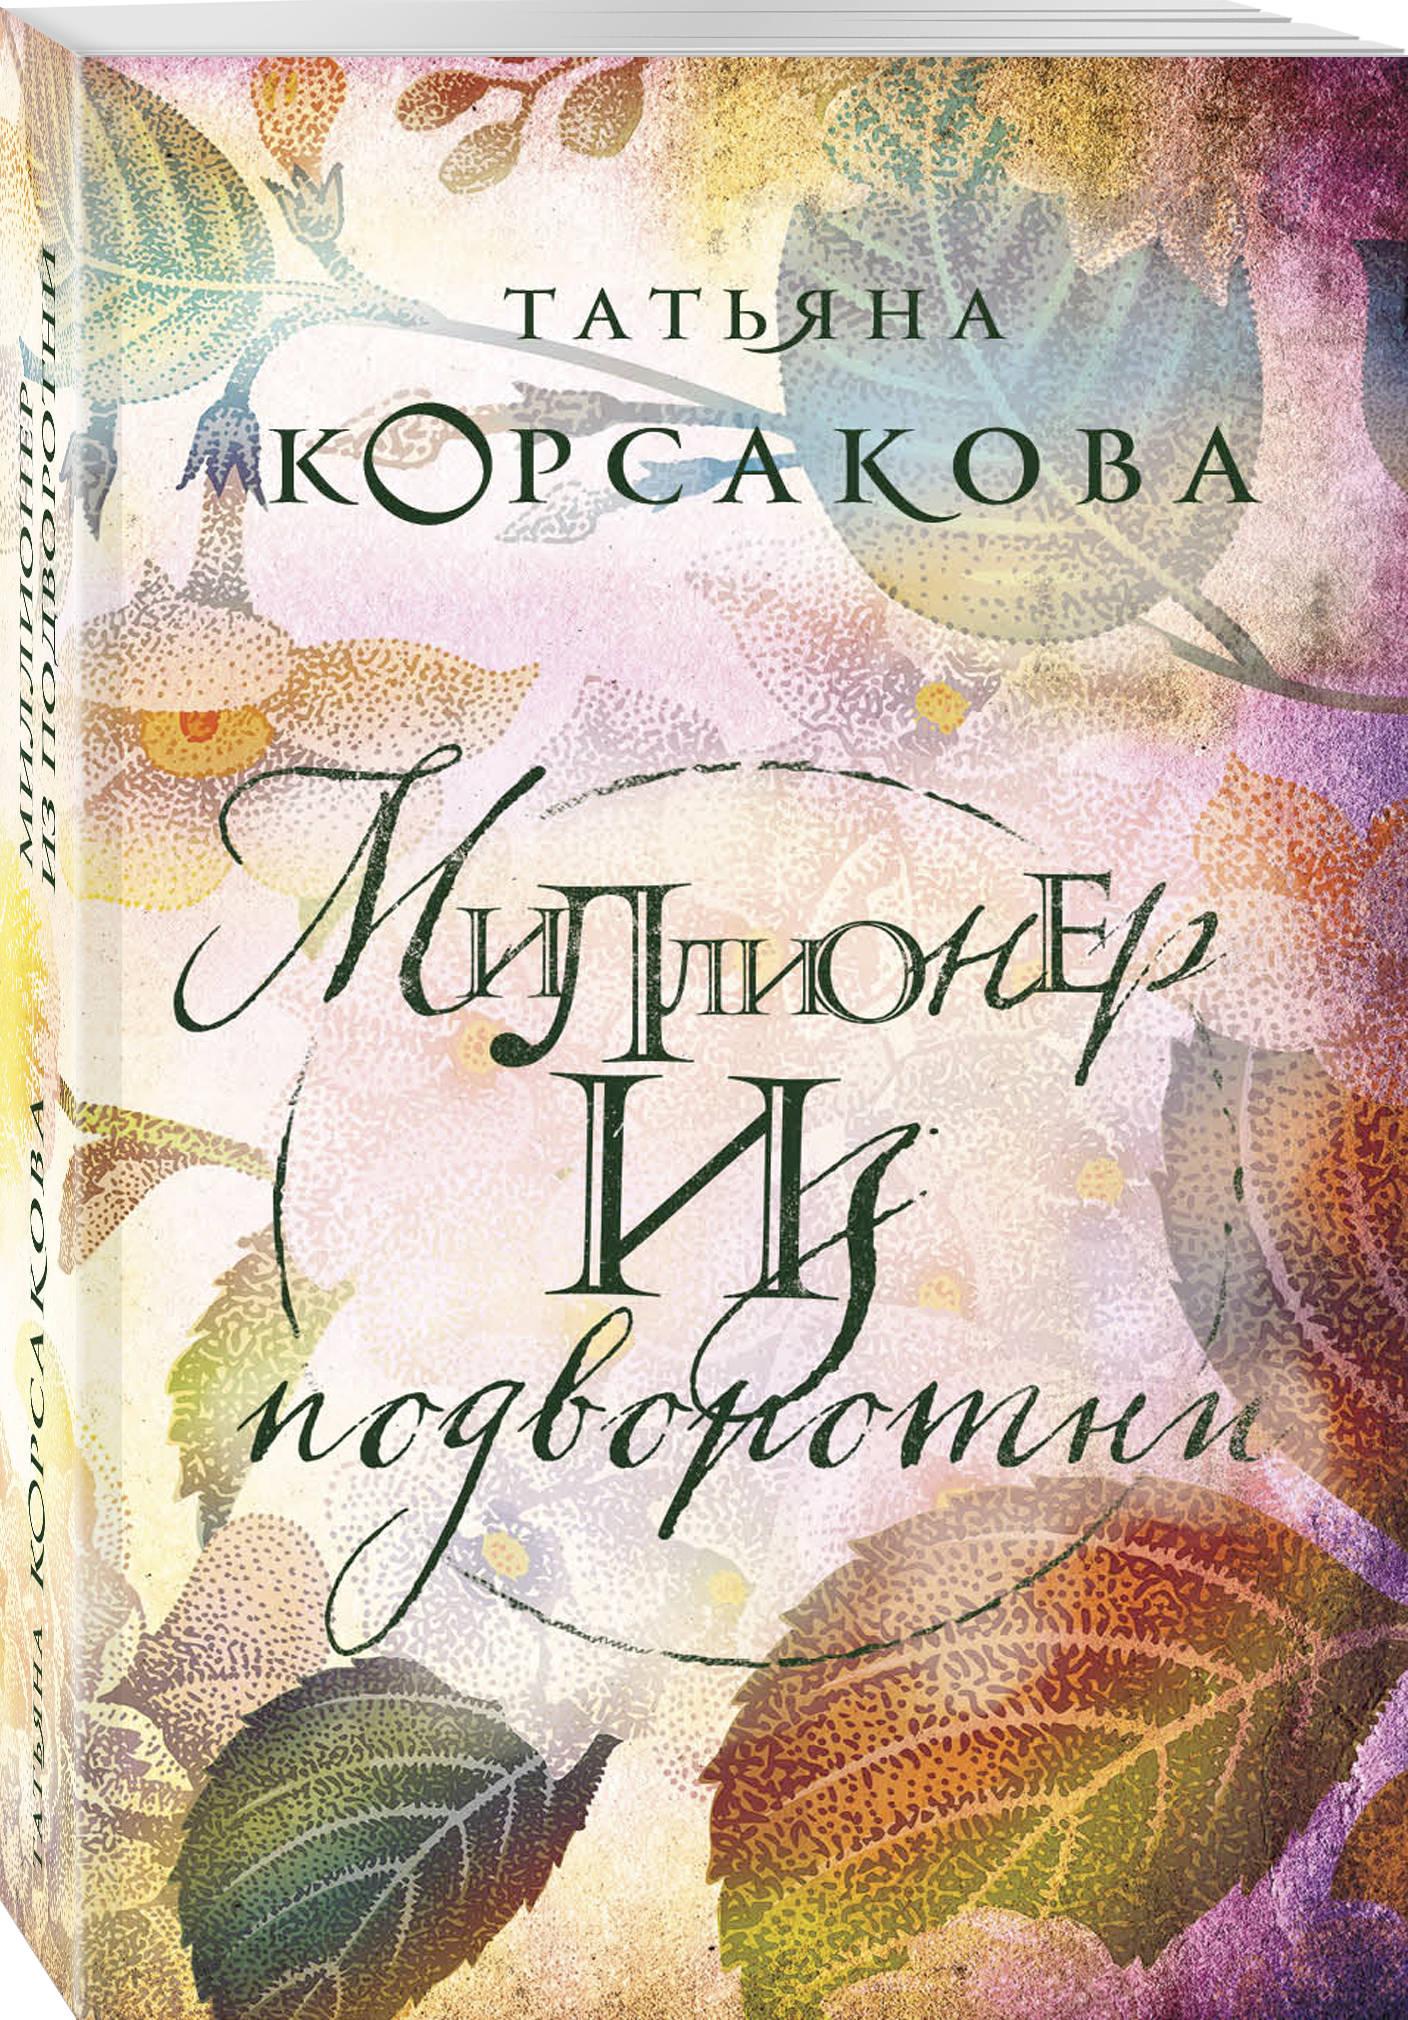 Татьяна Корсакова Миллионер из подворотни футболка бомж